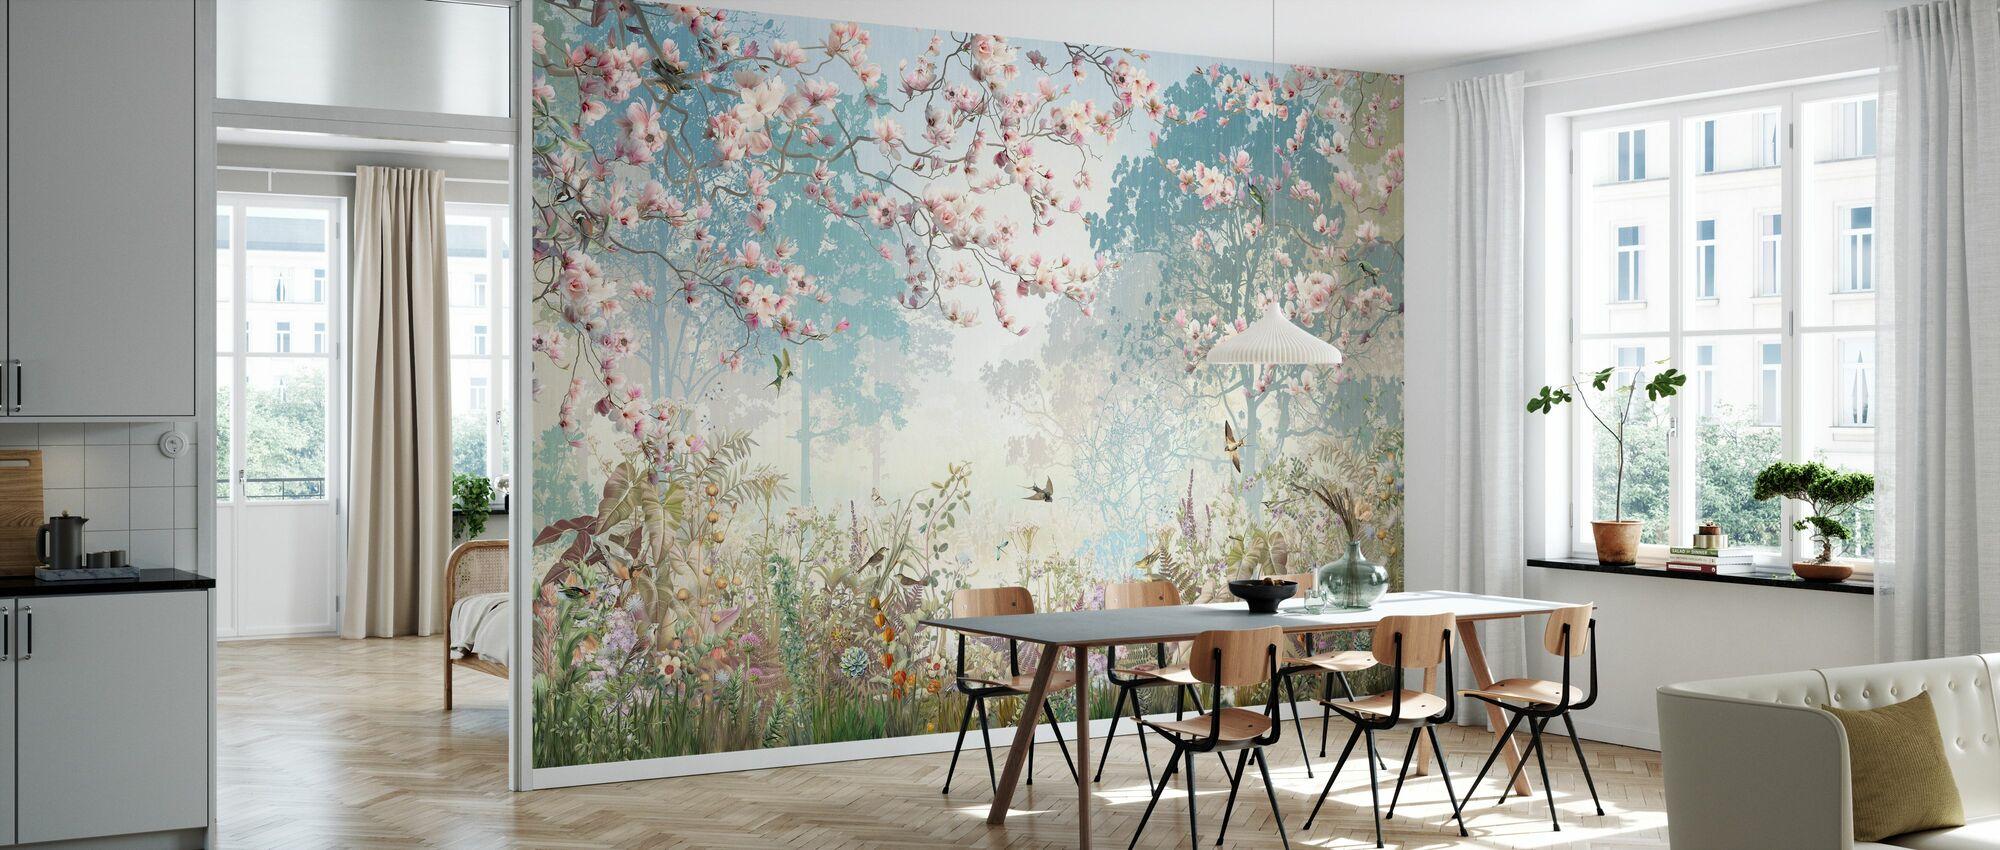 Sparkling Garnder - Wallpaper - Kitchen